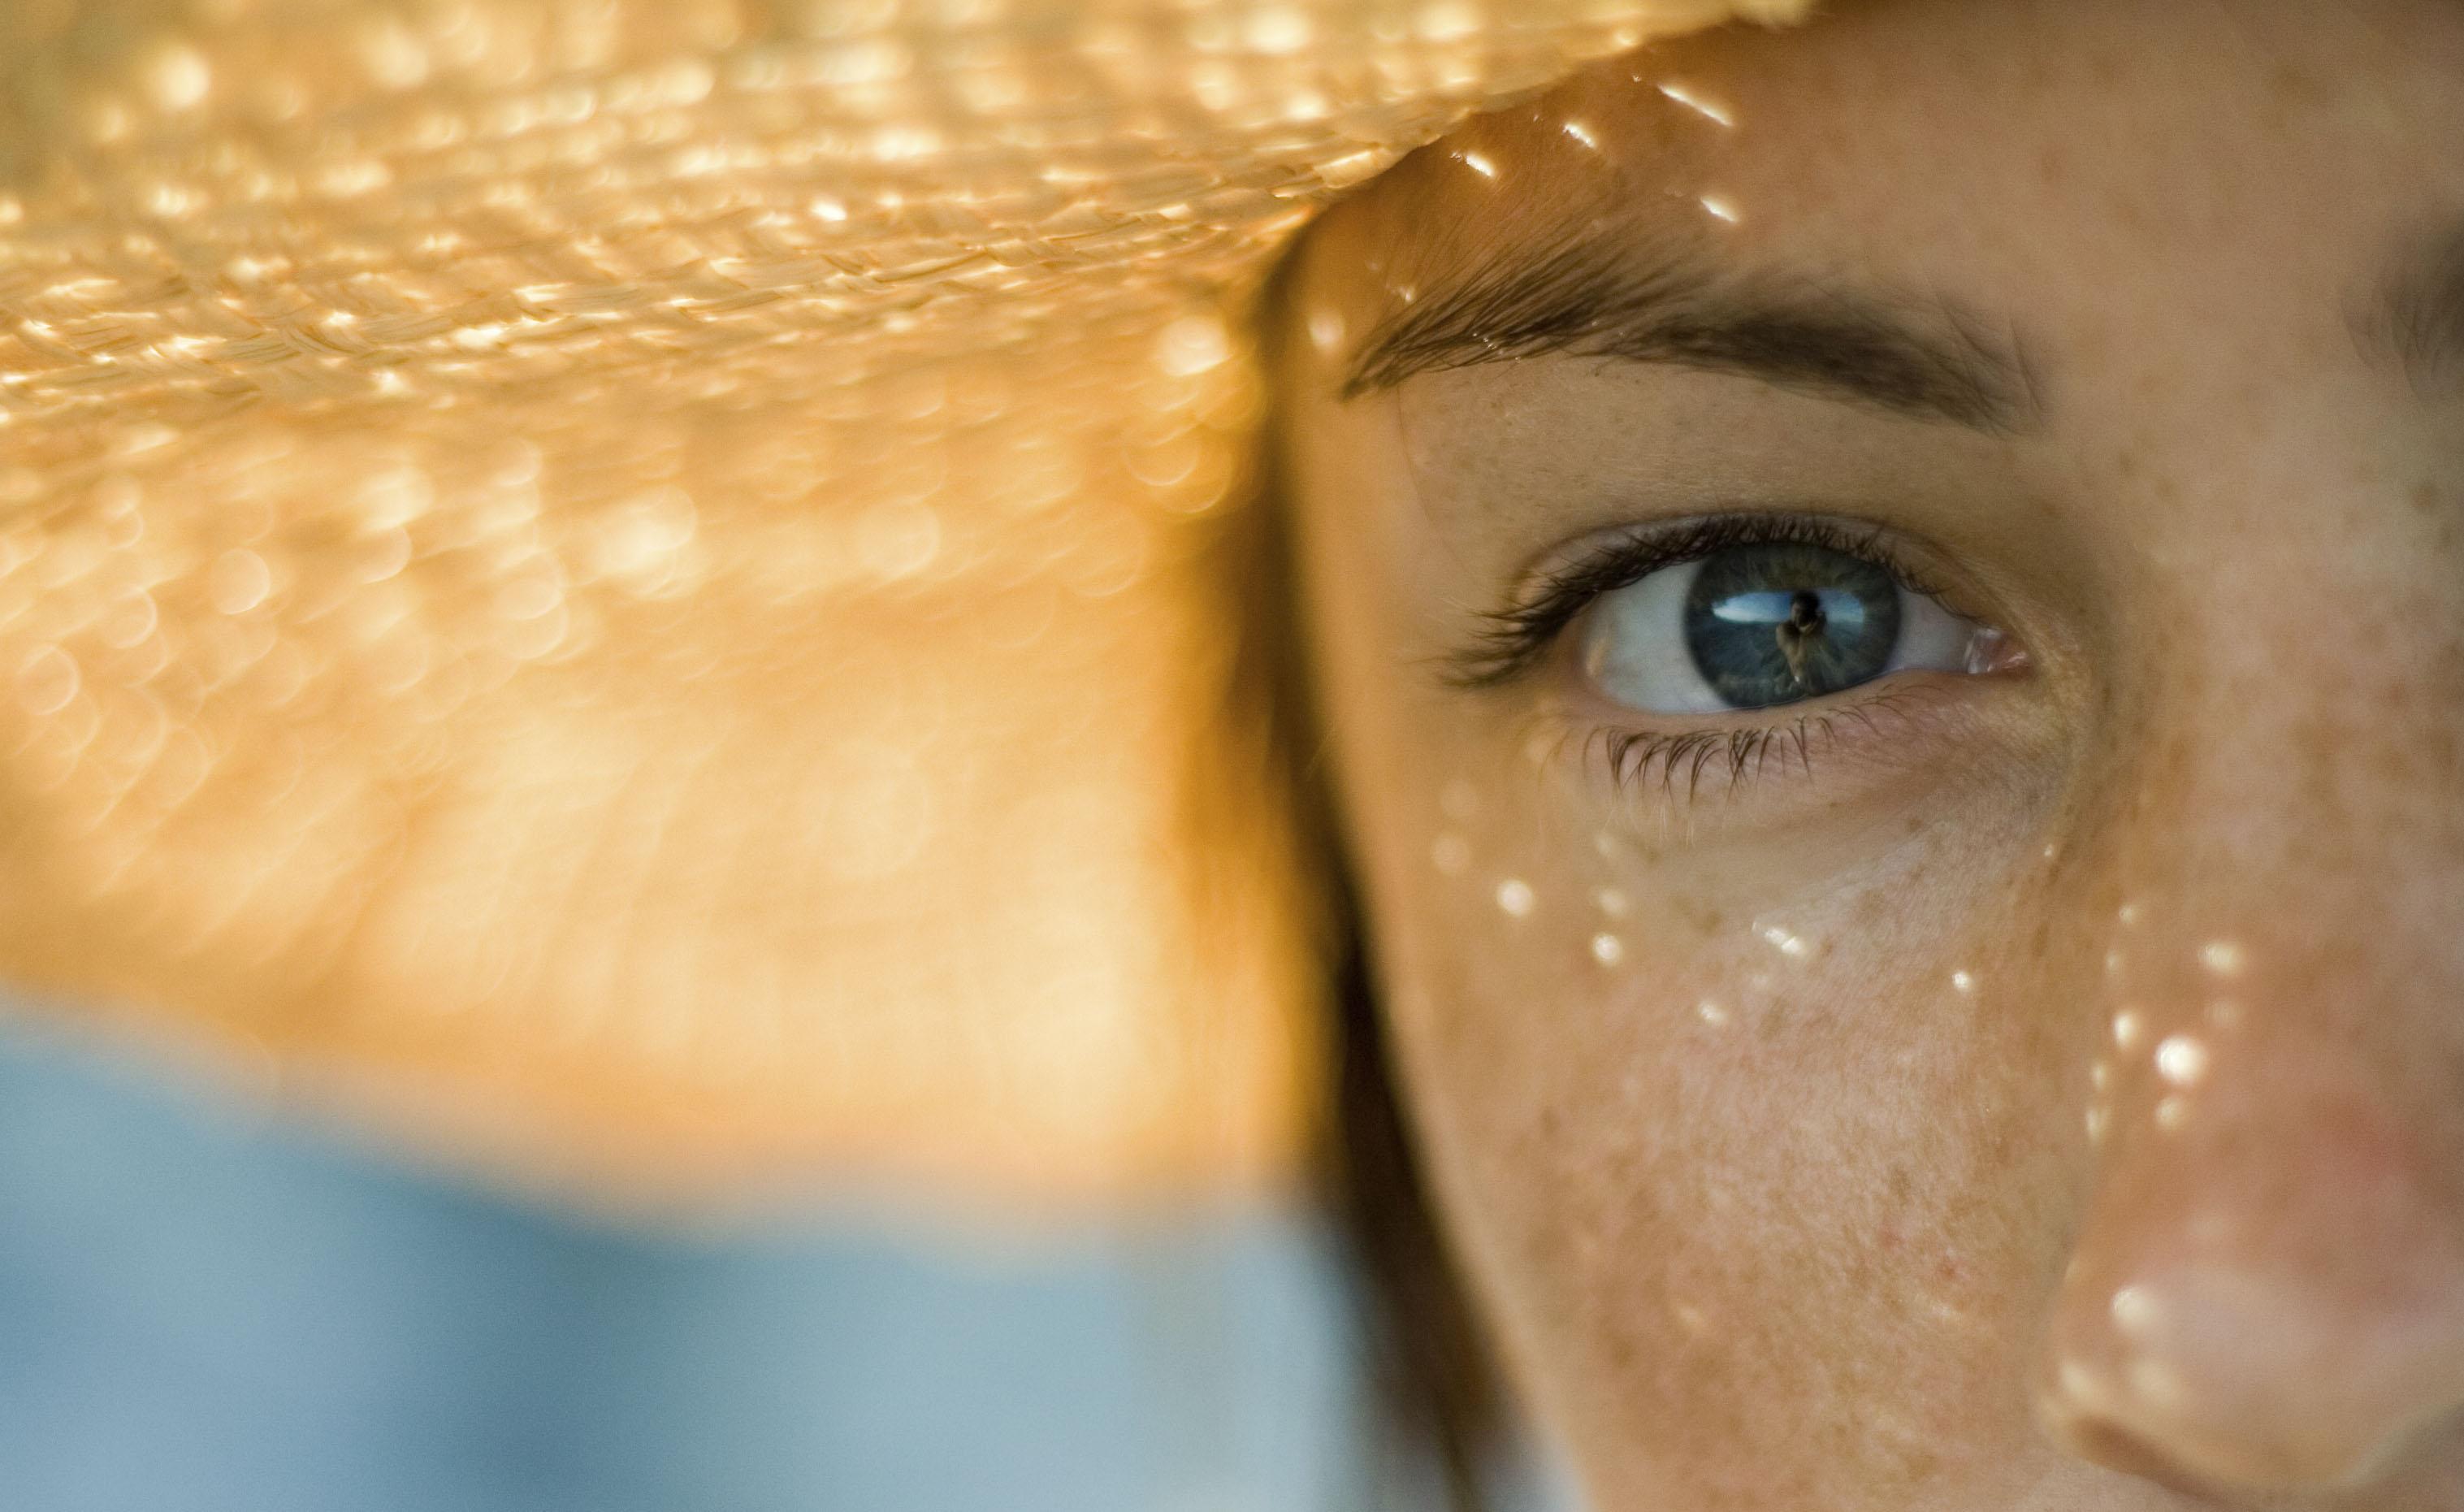 Macchie Di Unto Sulla Pelle rimedi per eliminare macchie solari sulla pelle: naturali e